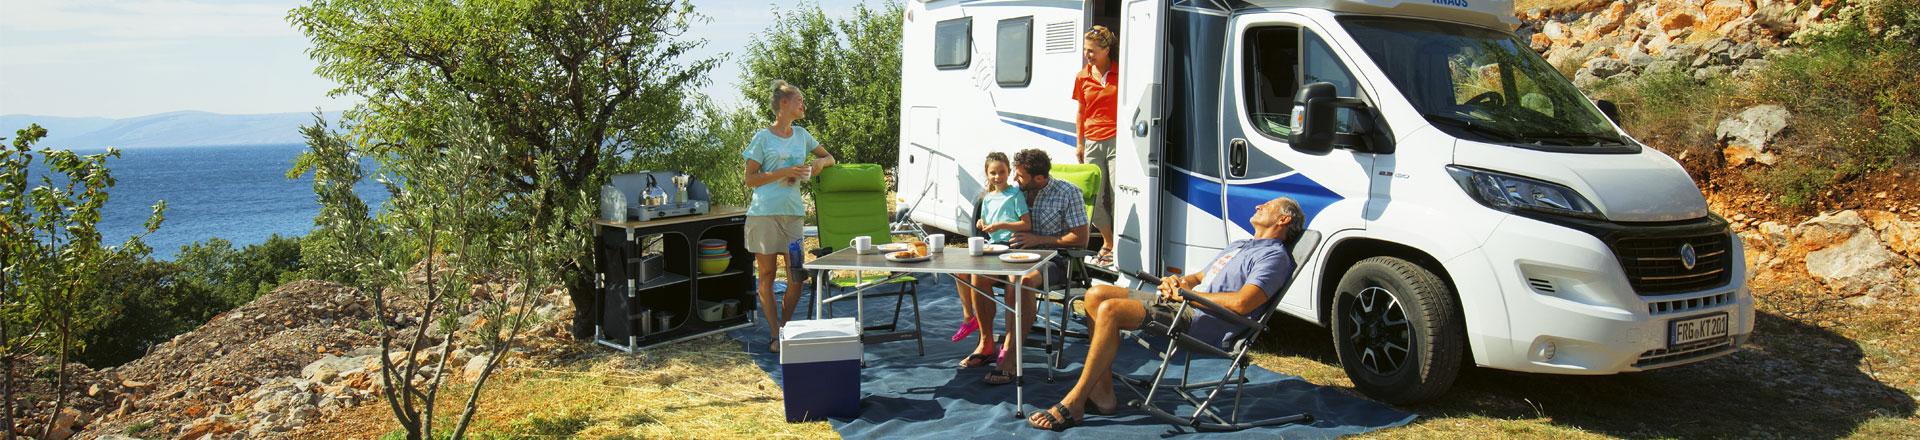 Campingeservice Maxxx - Onlineshop für Camping und Freizeit